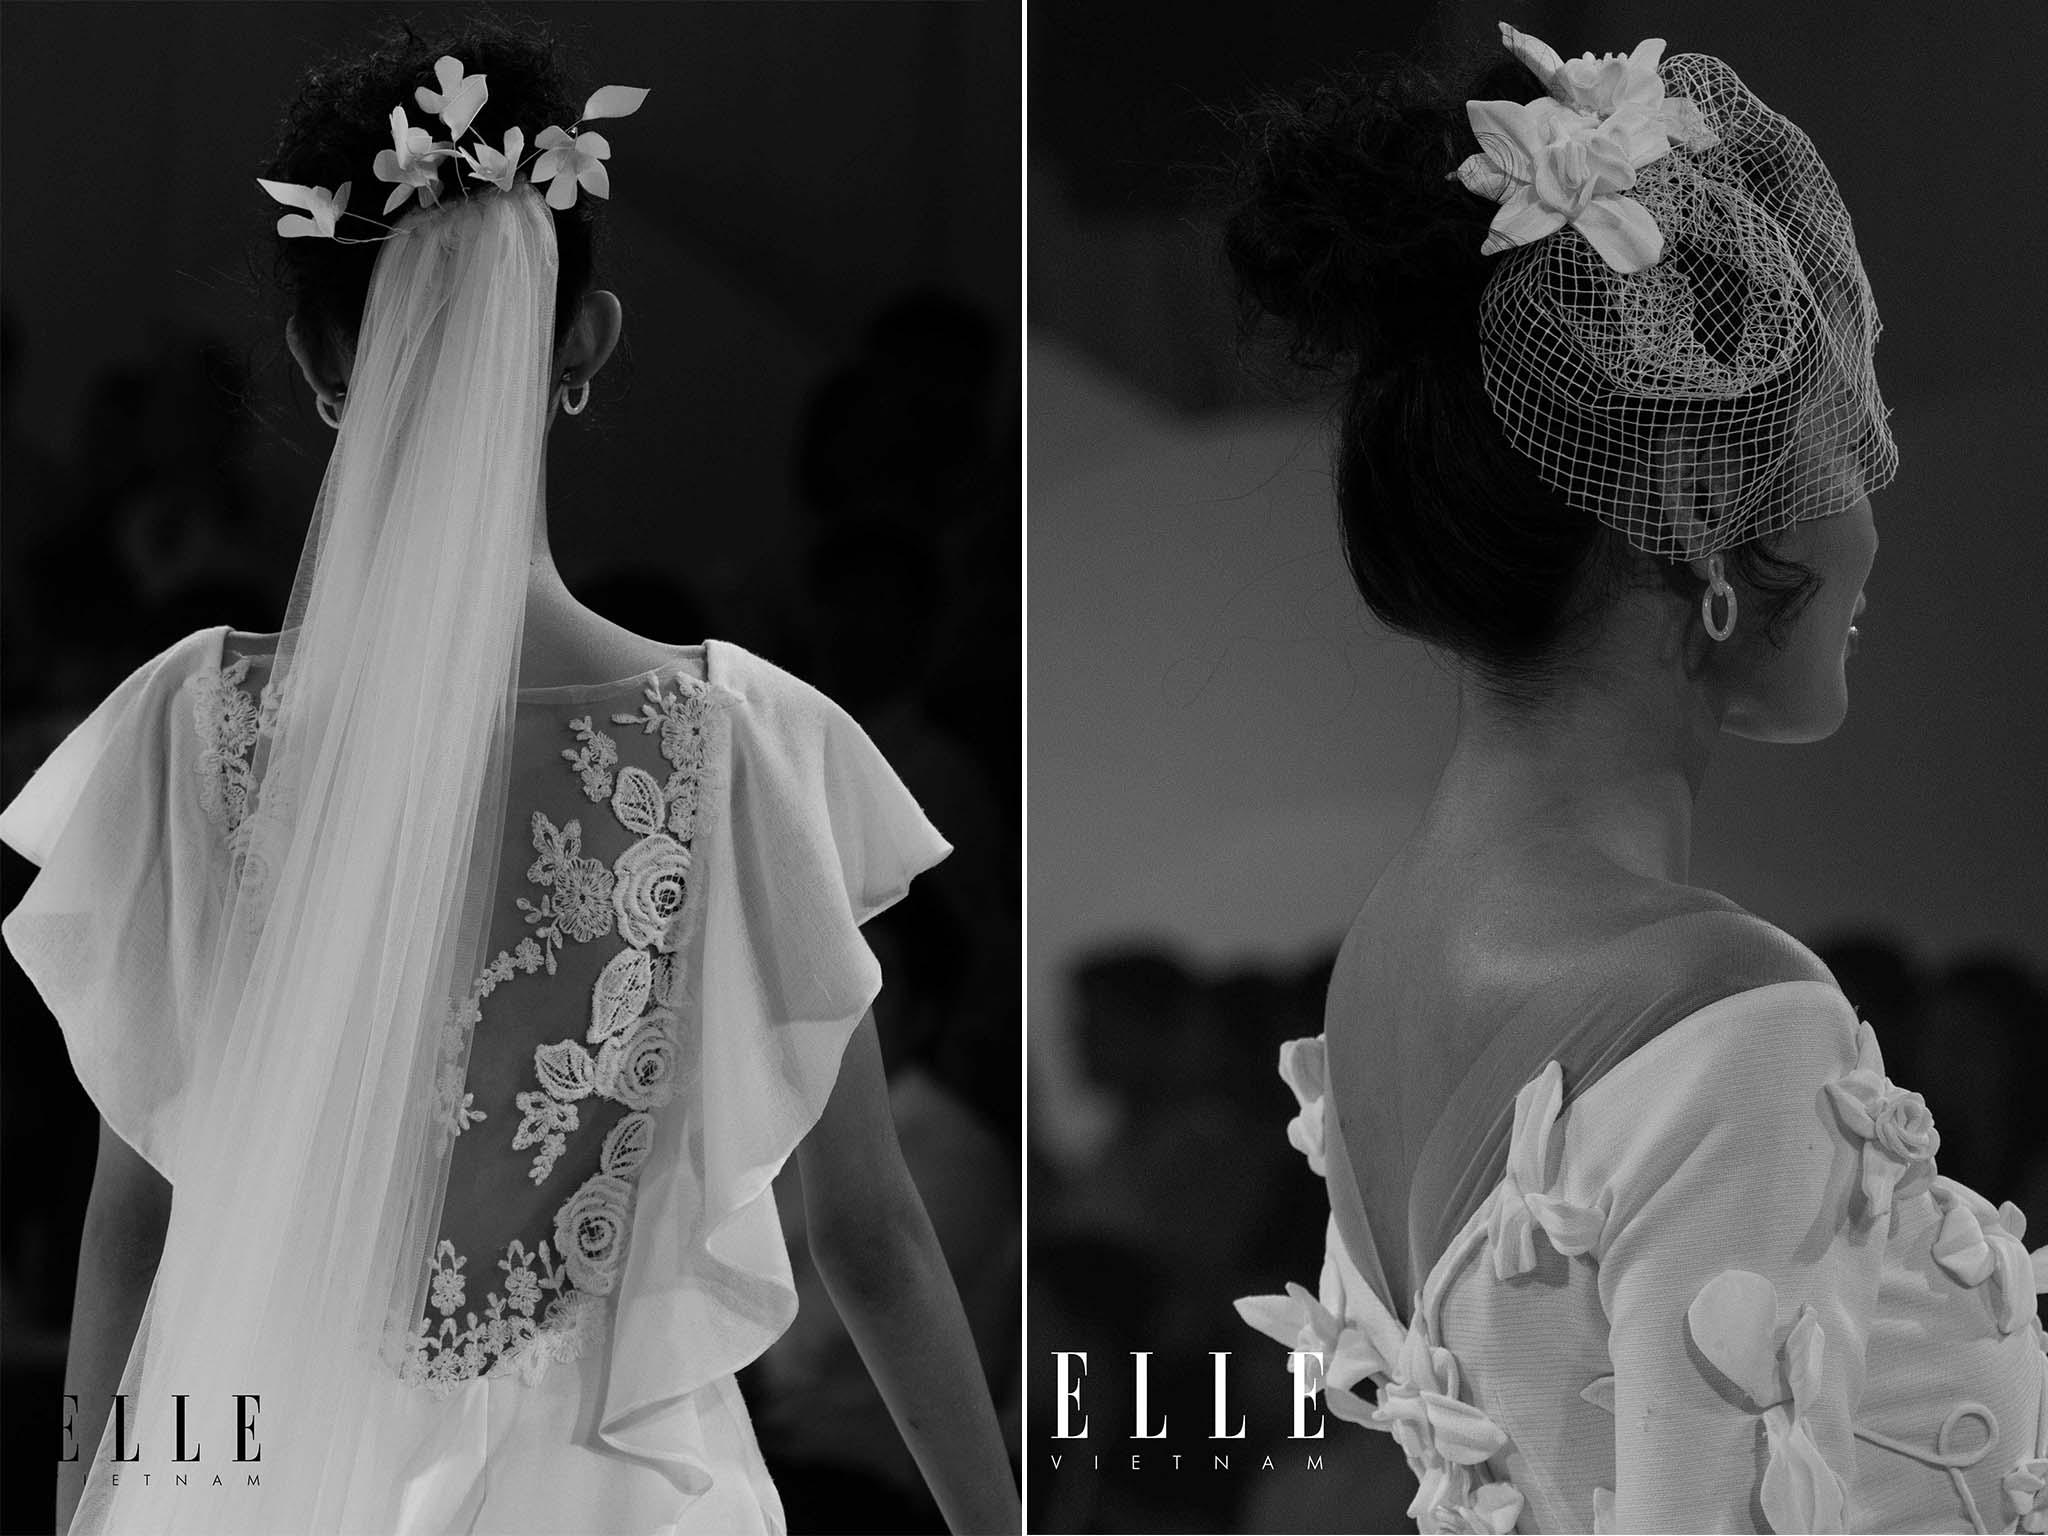 NTK Trương Thanh Hải cùng BST váy cưới với thiết kế khăn voan cô dâu tinh tế